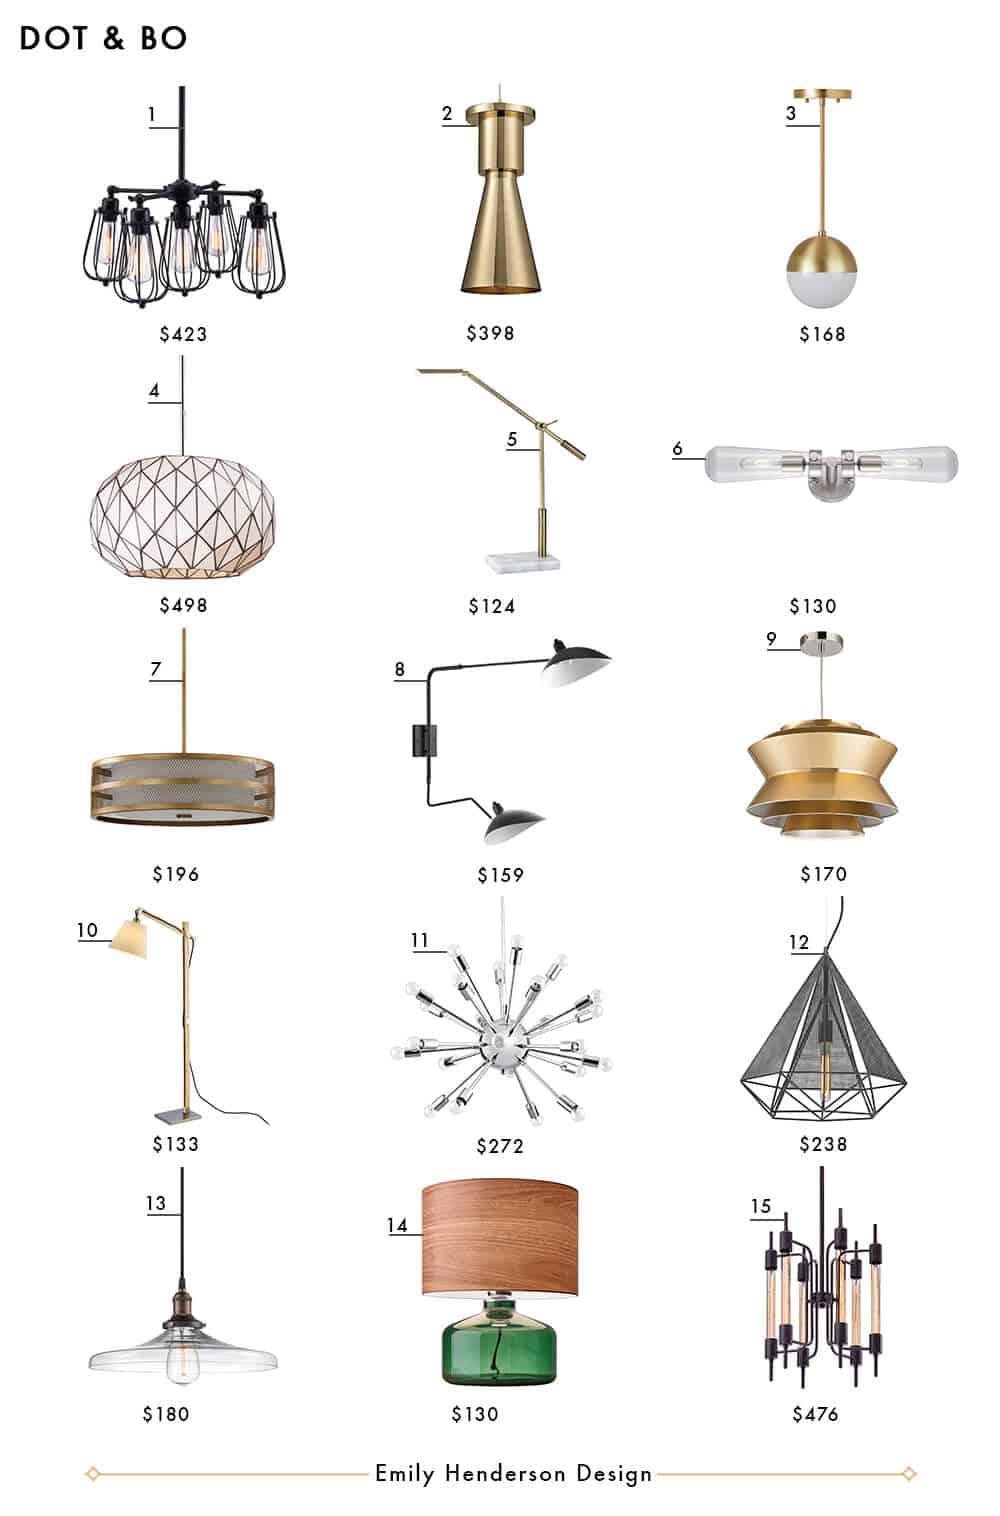 Dot and Bo Emily Henderson Design Lighting Roundup